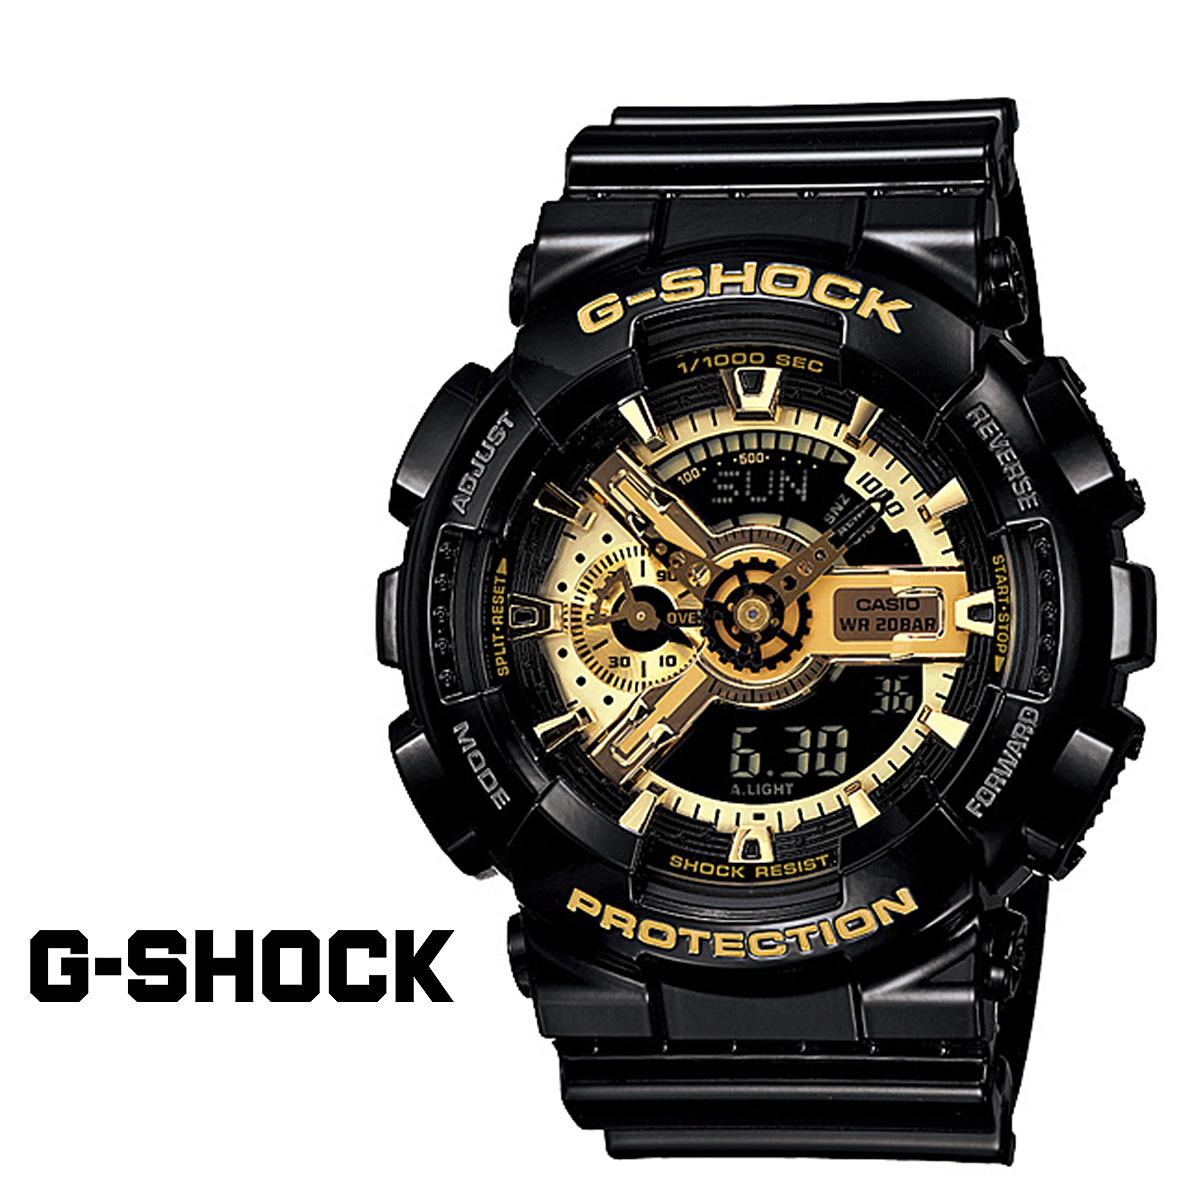 CASIO カシオ G-SHOCK 腕時計 GA-110GB-1AJF BLACK GOLD SERIES Gショック G-ショック ブラック ゴールド メンズ レディース